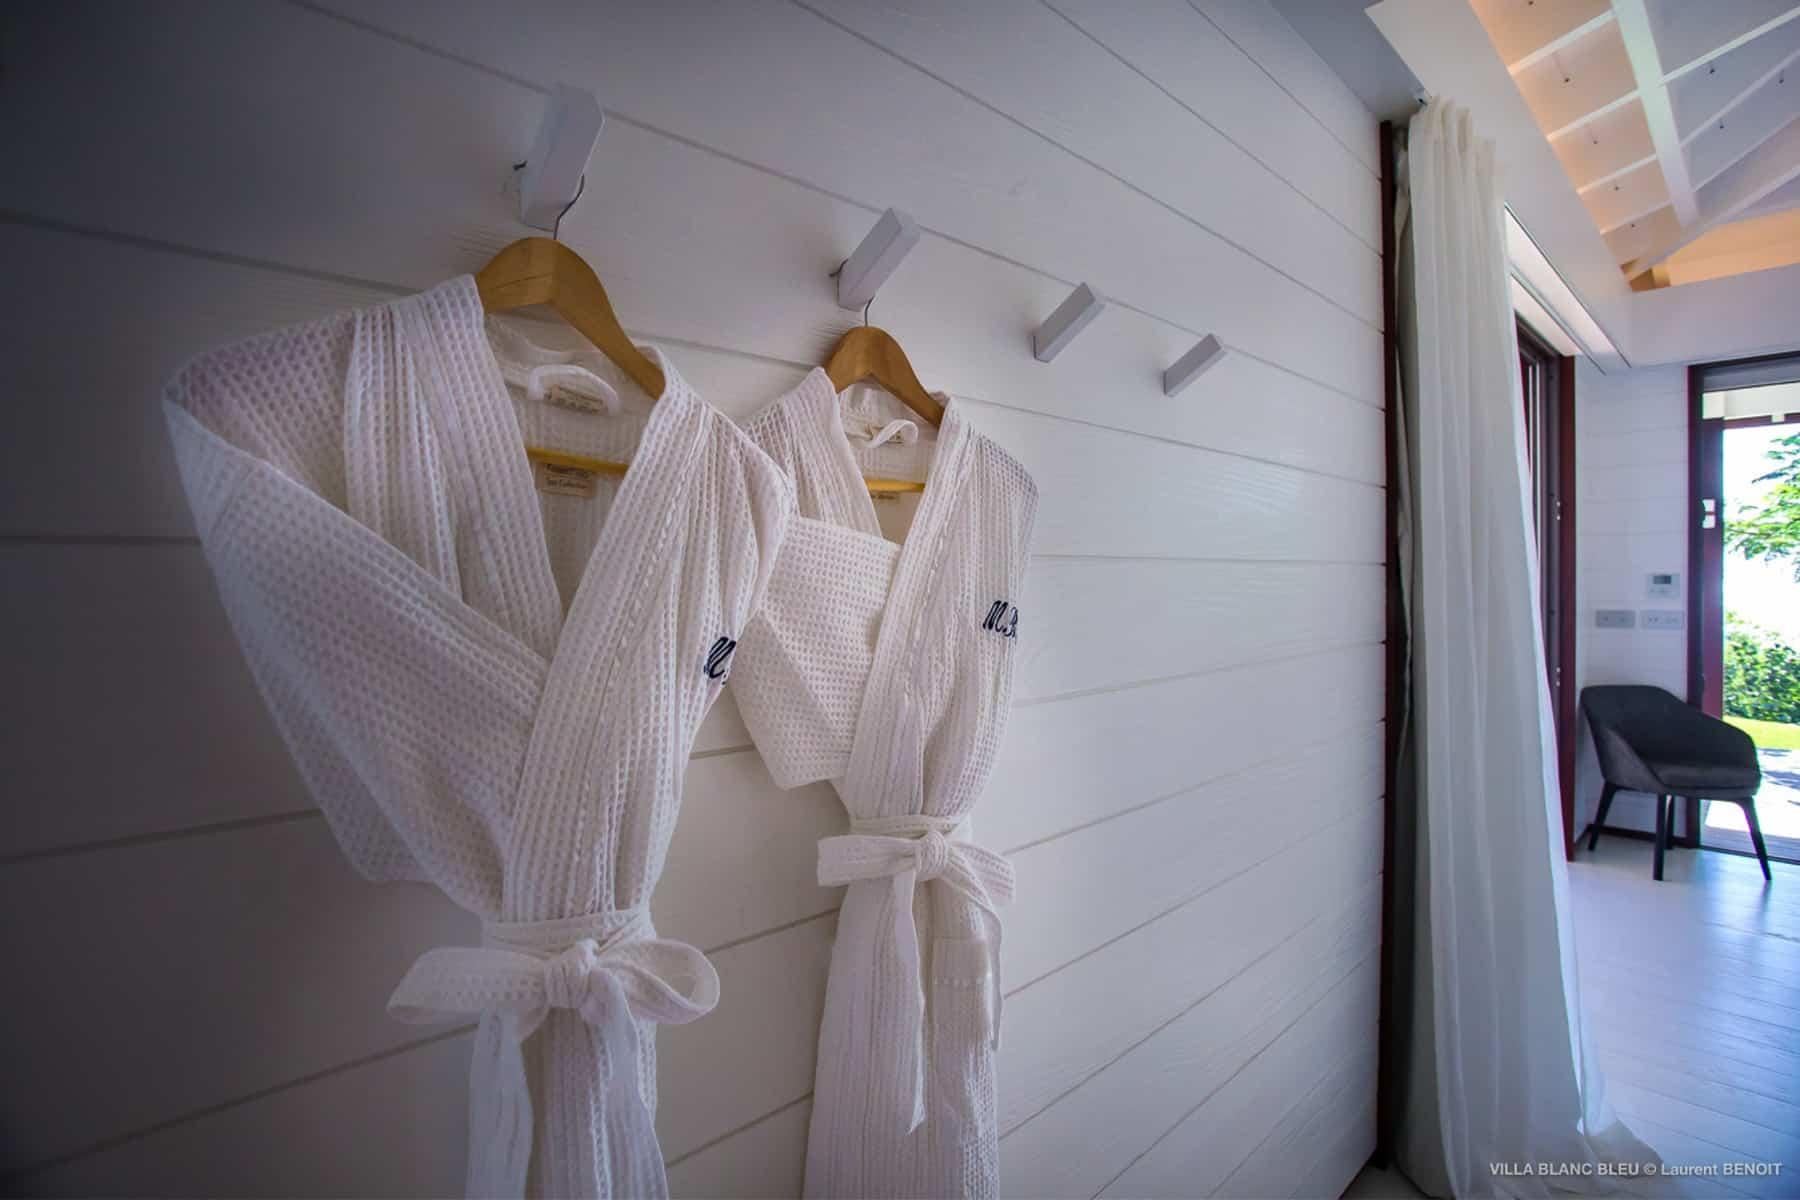 Bath-rope Villa Blanc Bleu St Barths